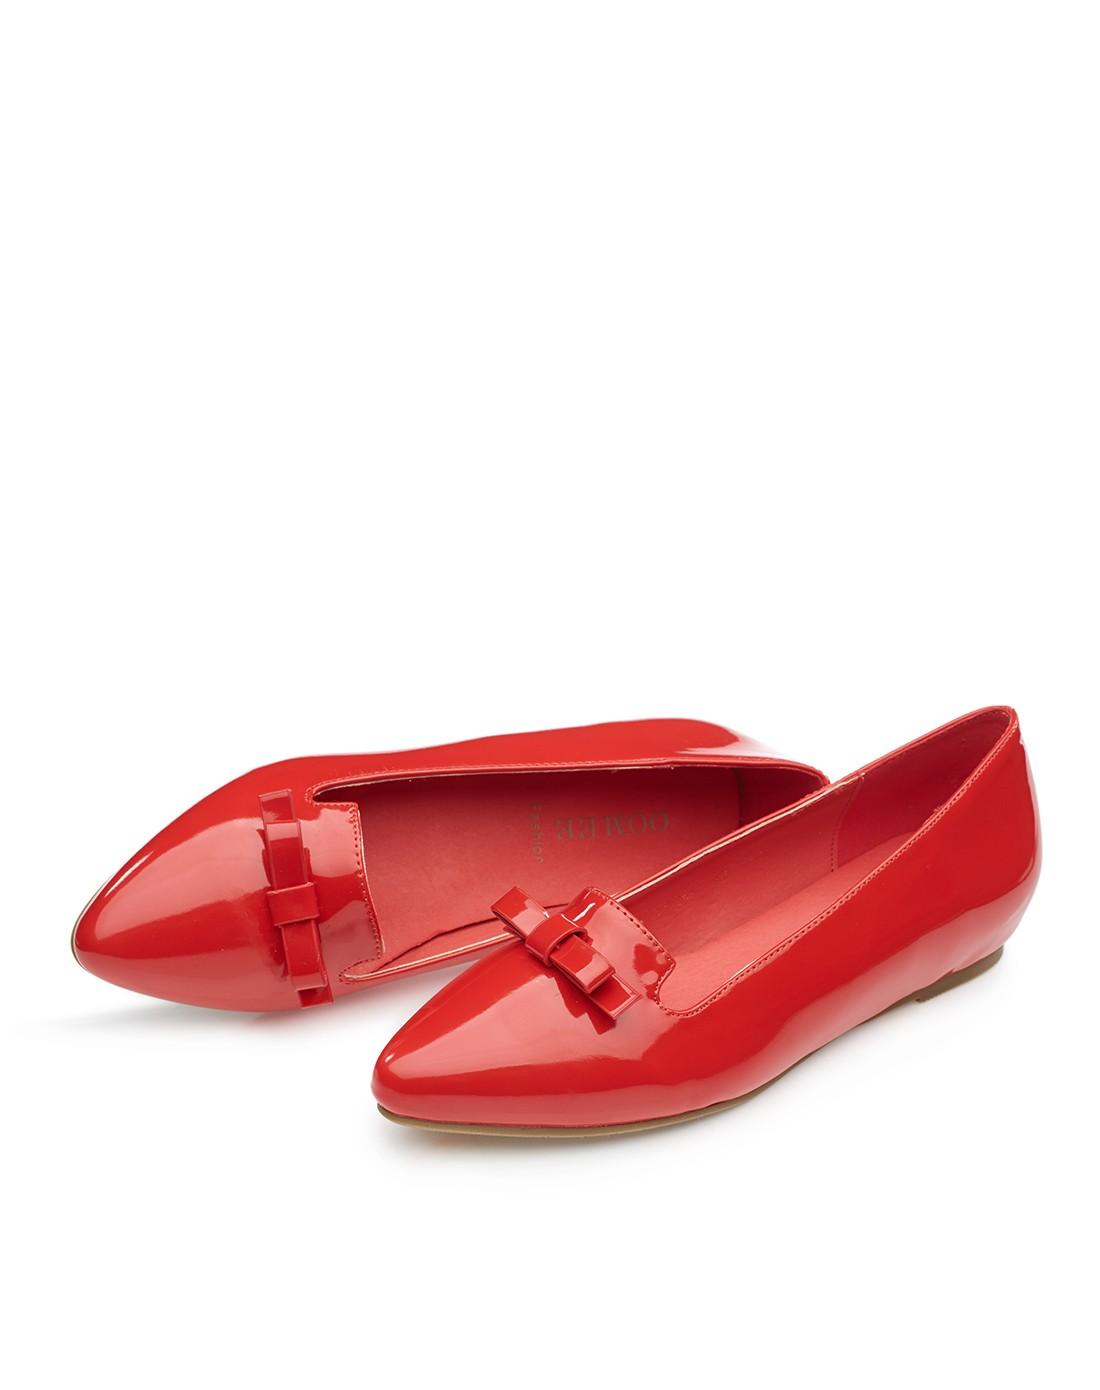 2015春季新款红色简约蝴蝶结尖头平底单鞋